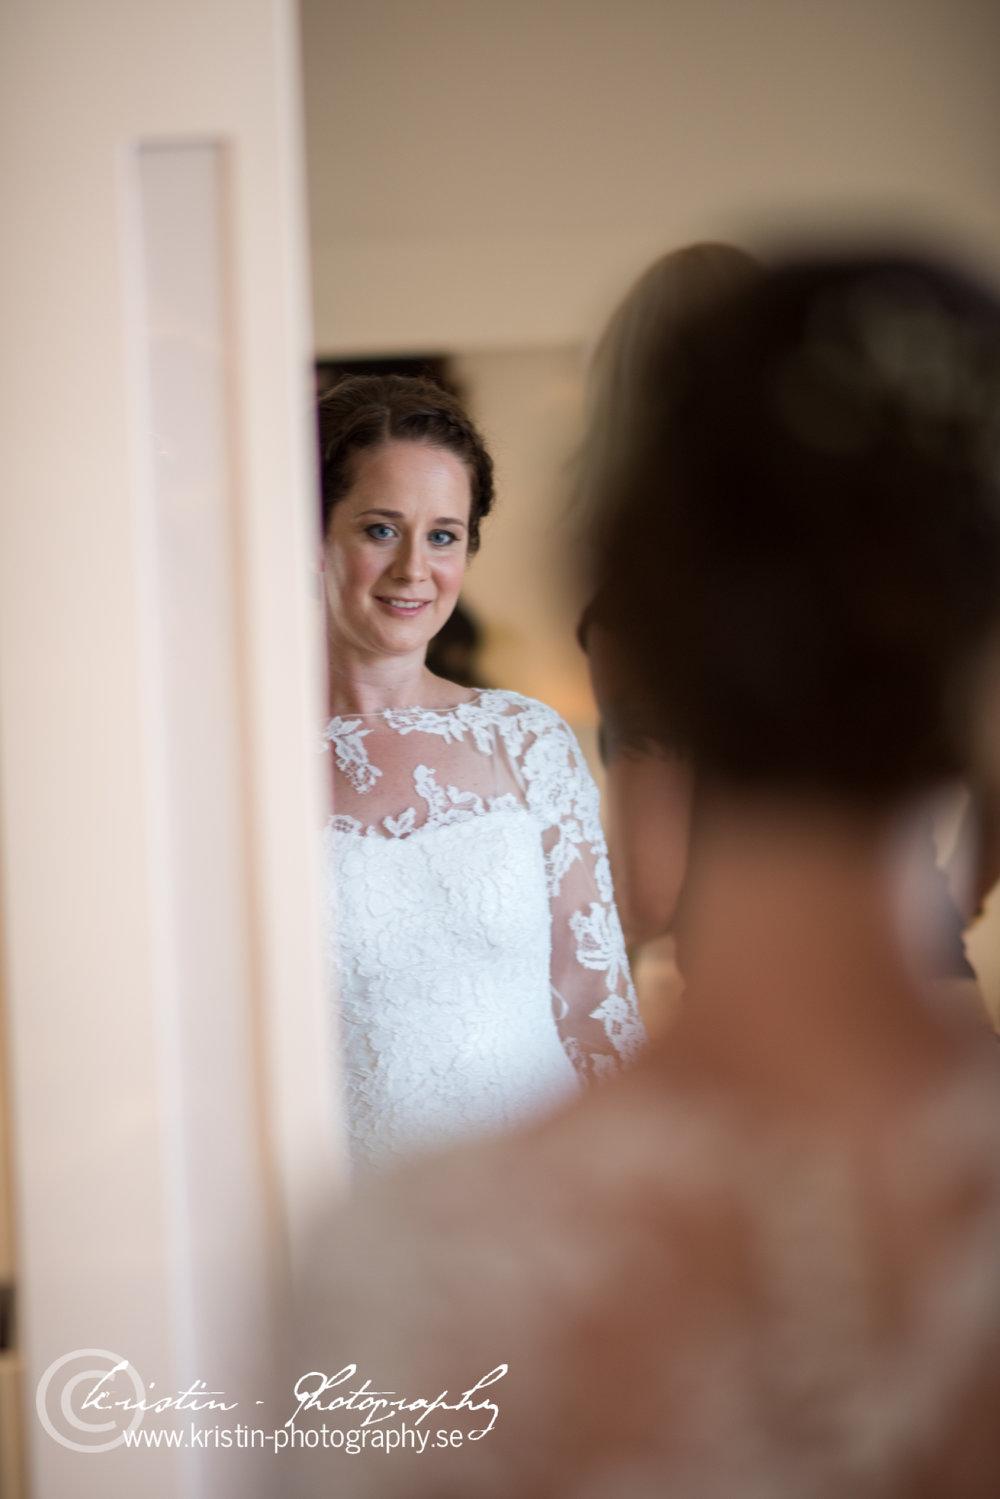 Bröllopsfotograf i Eskilstuna, Kristin - Photography, weddingphotographer -15.jpg